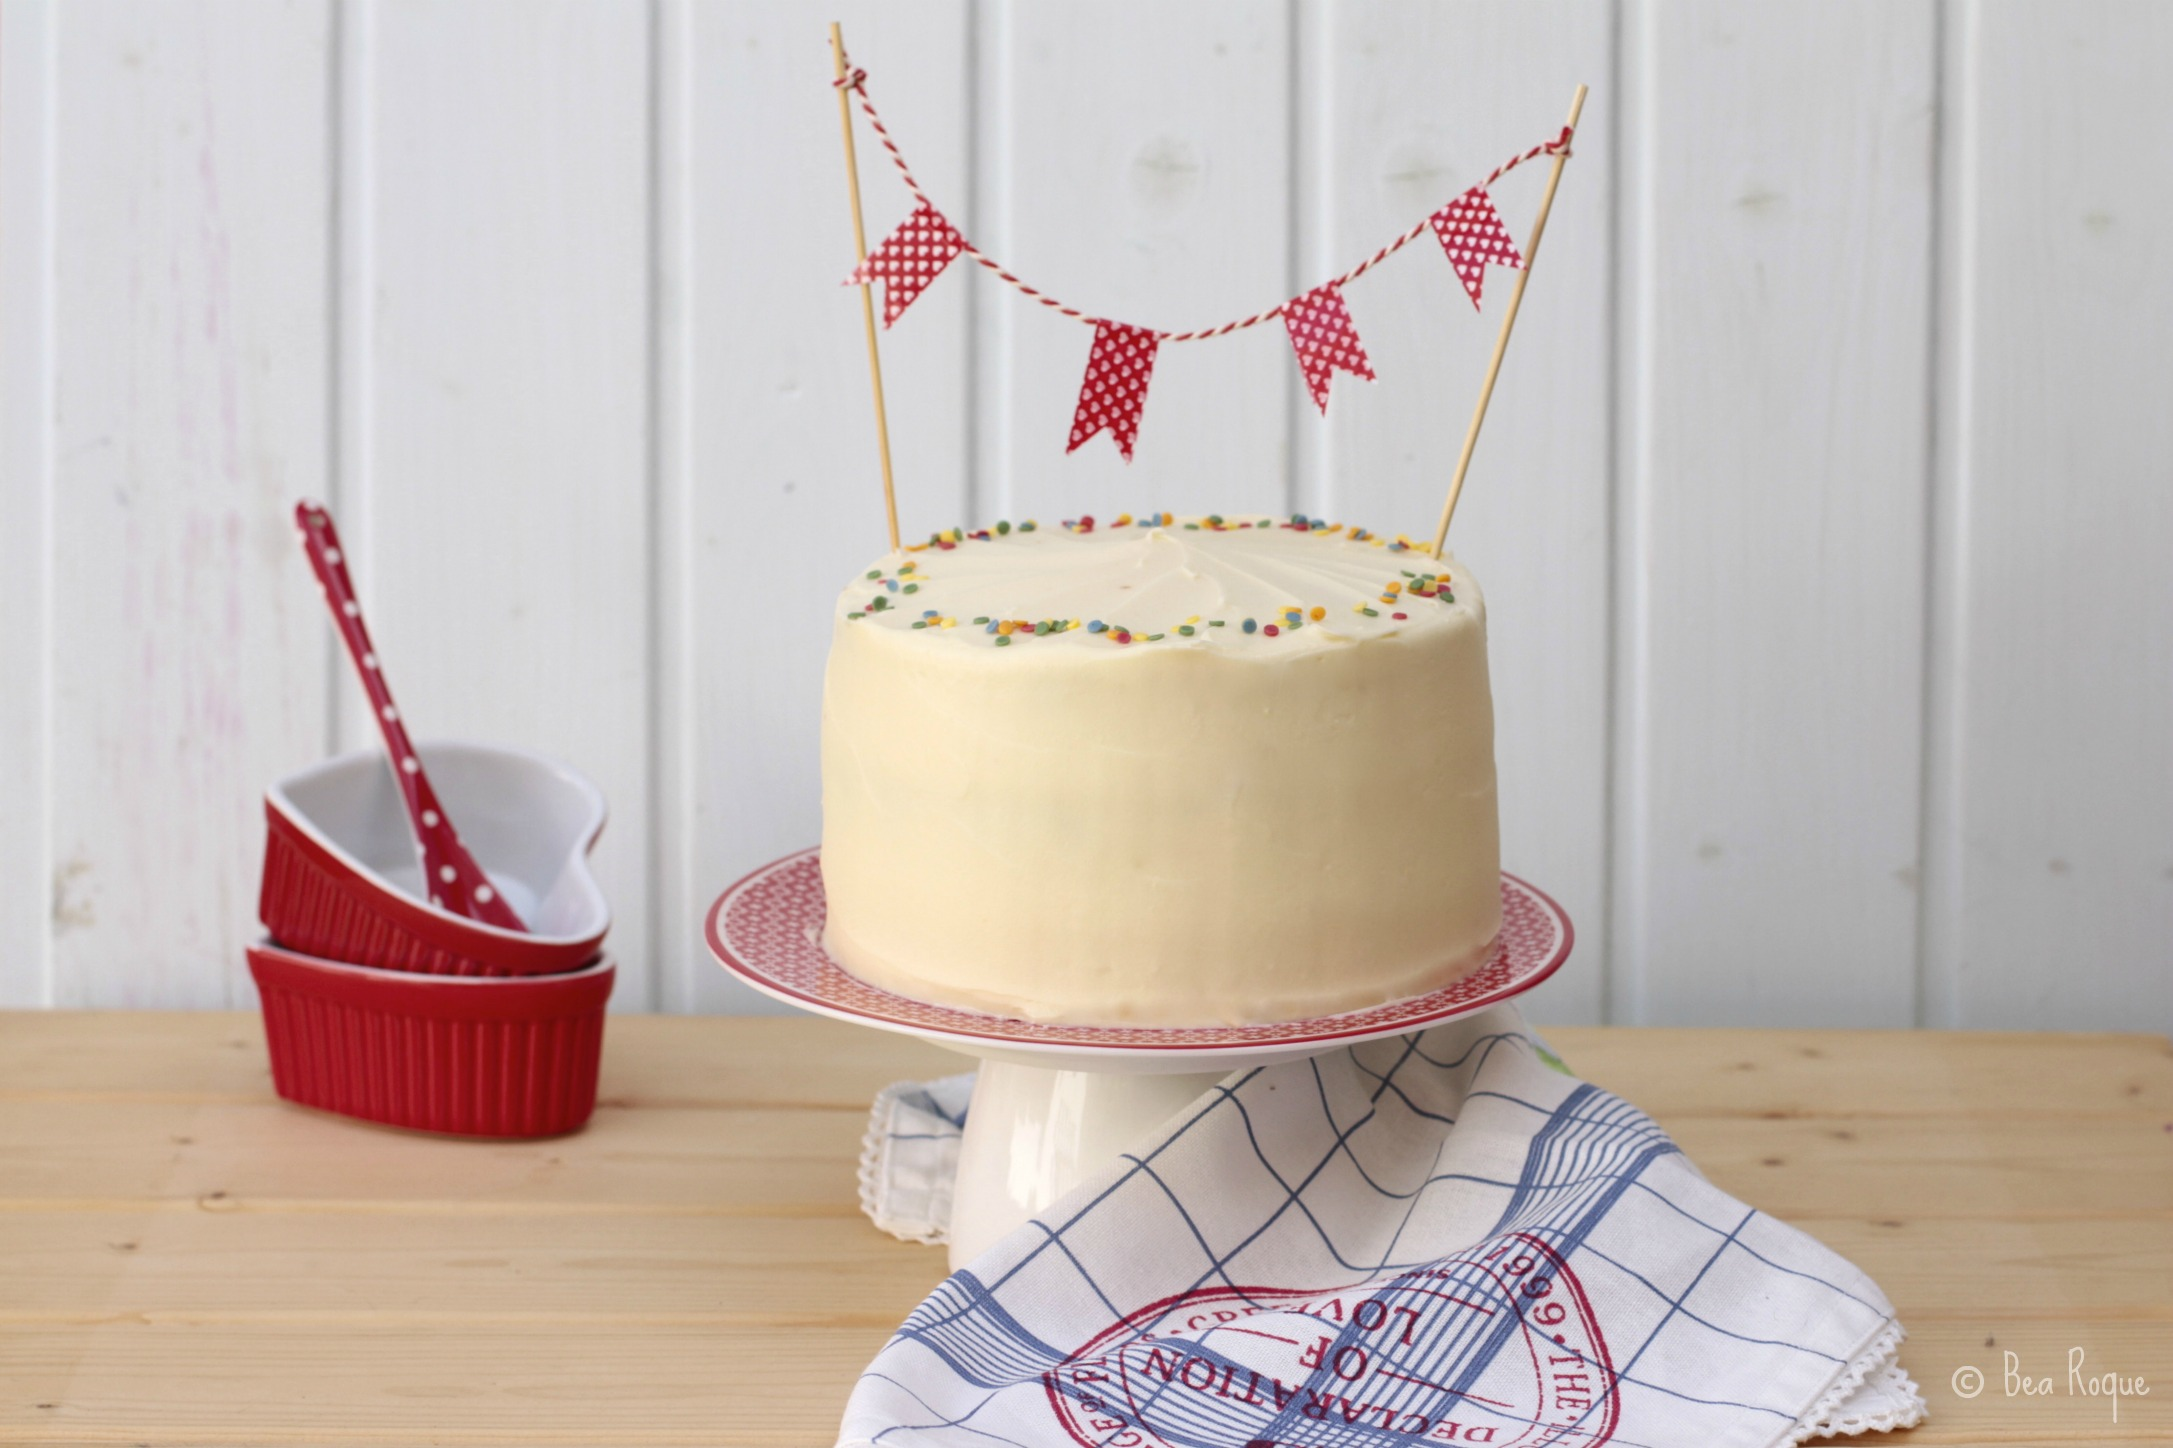 Una jugosa tarta, perfecta para los amantes del chocolate blanco.